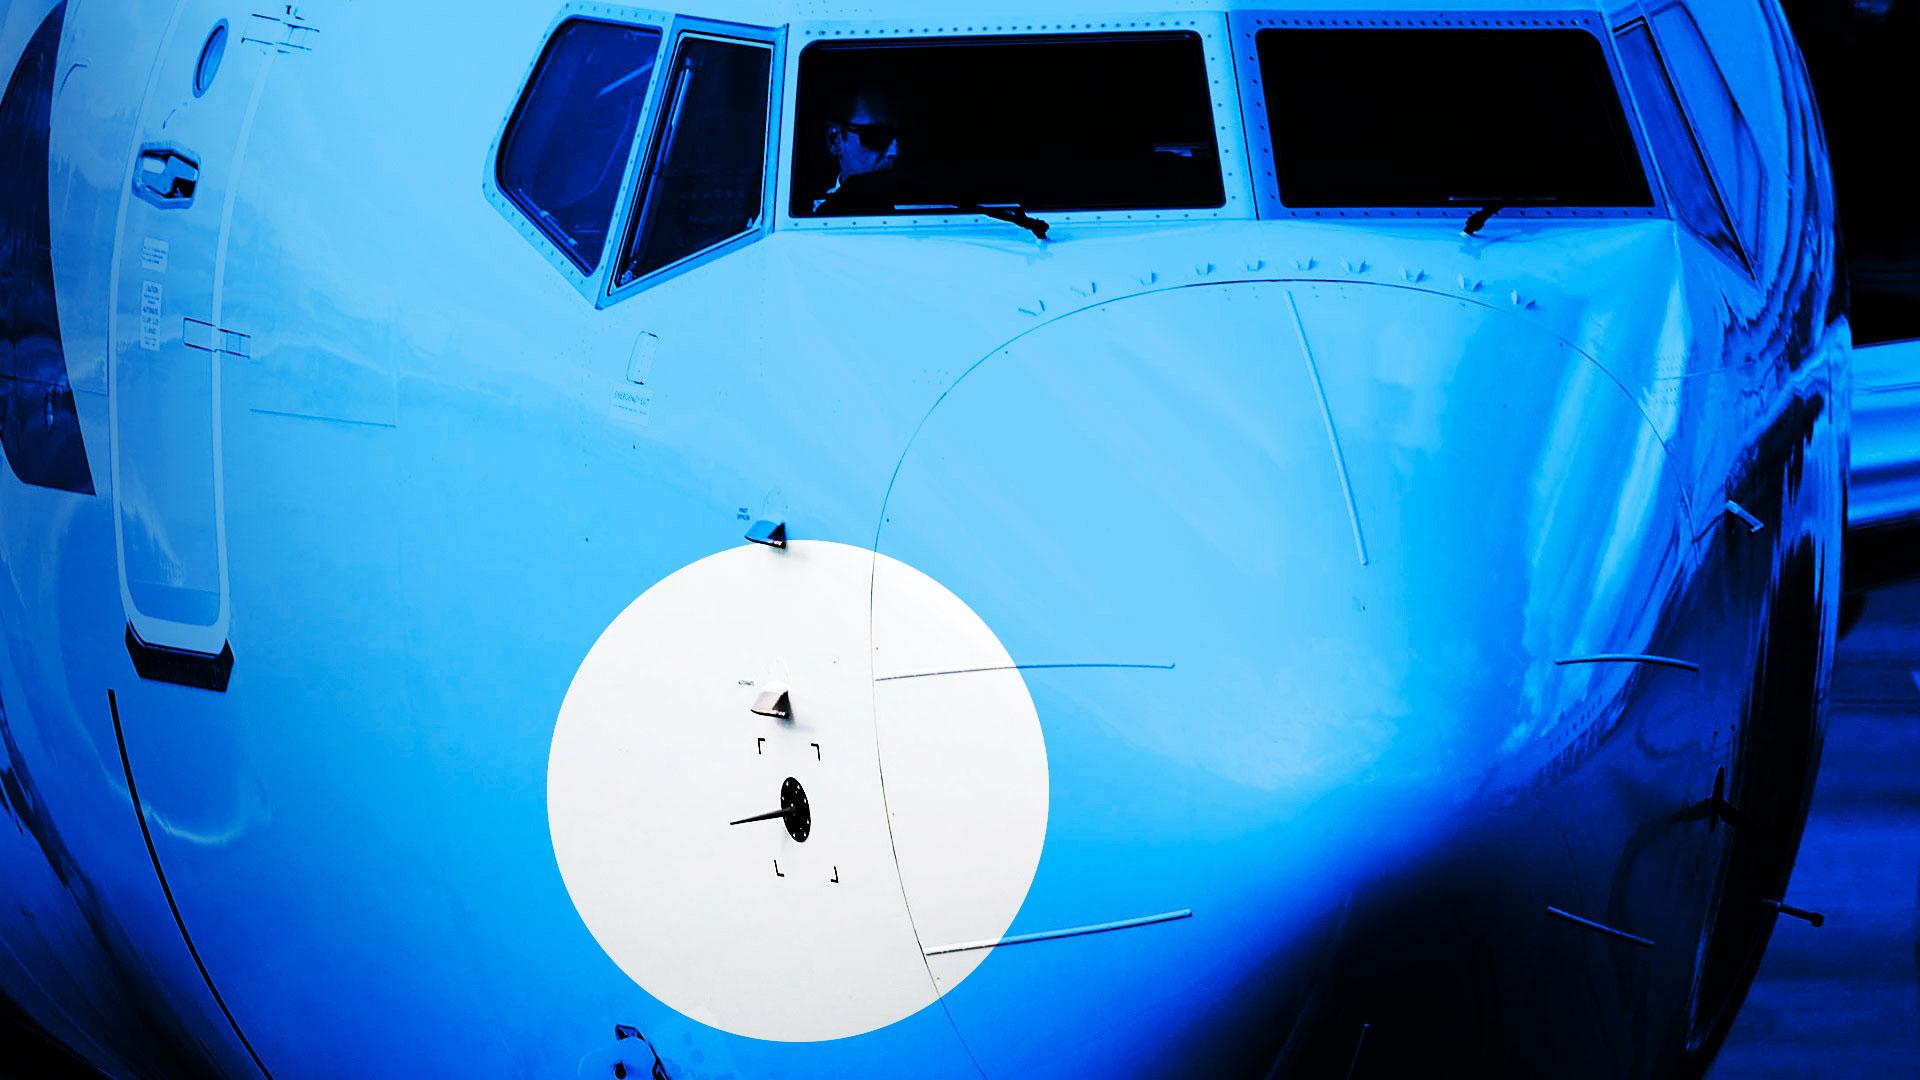 flysensor.jpg